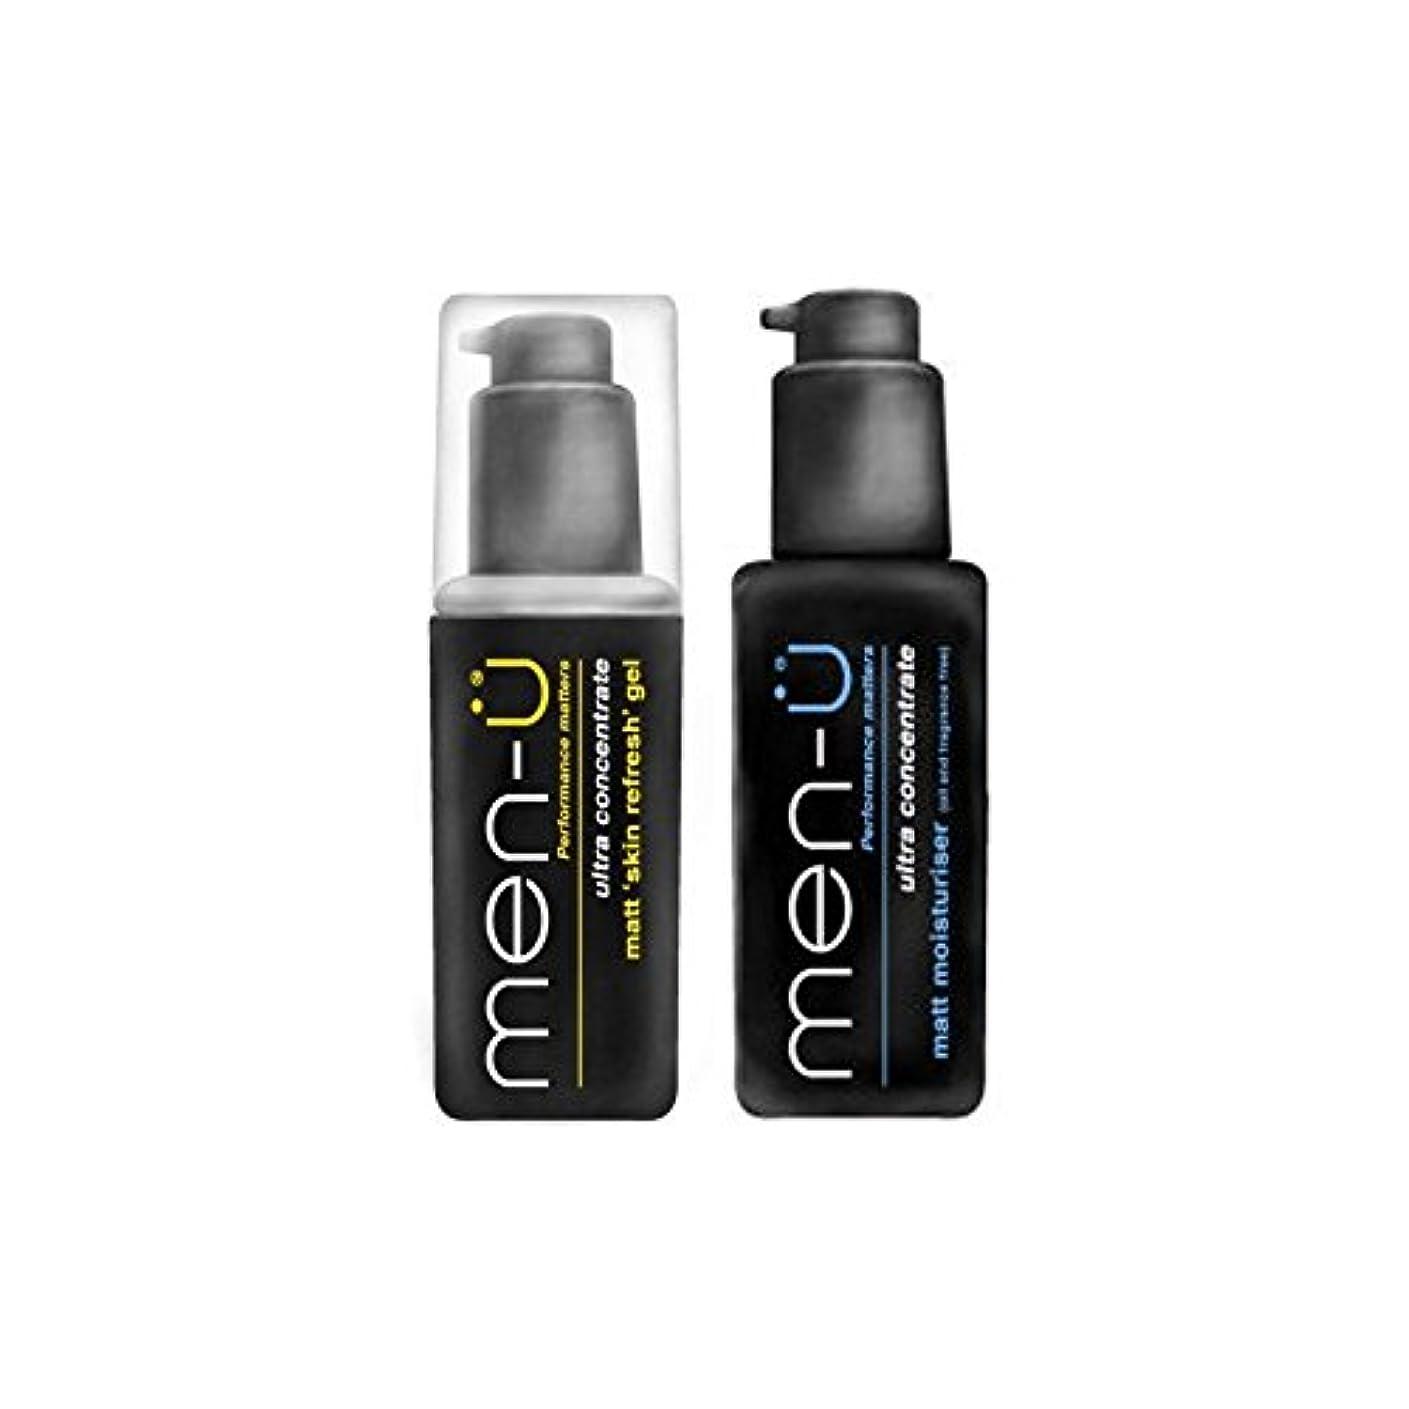 量命令的拮抗するMen-? Matt Refresh And Moisturise Duo (Pack of 6) - 男性-のマットリフレッシュとデュオを保湿 x6 [並行輸入品]